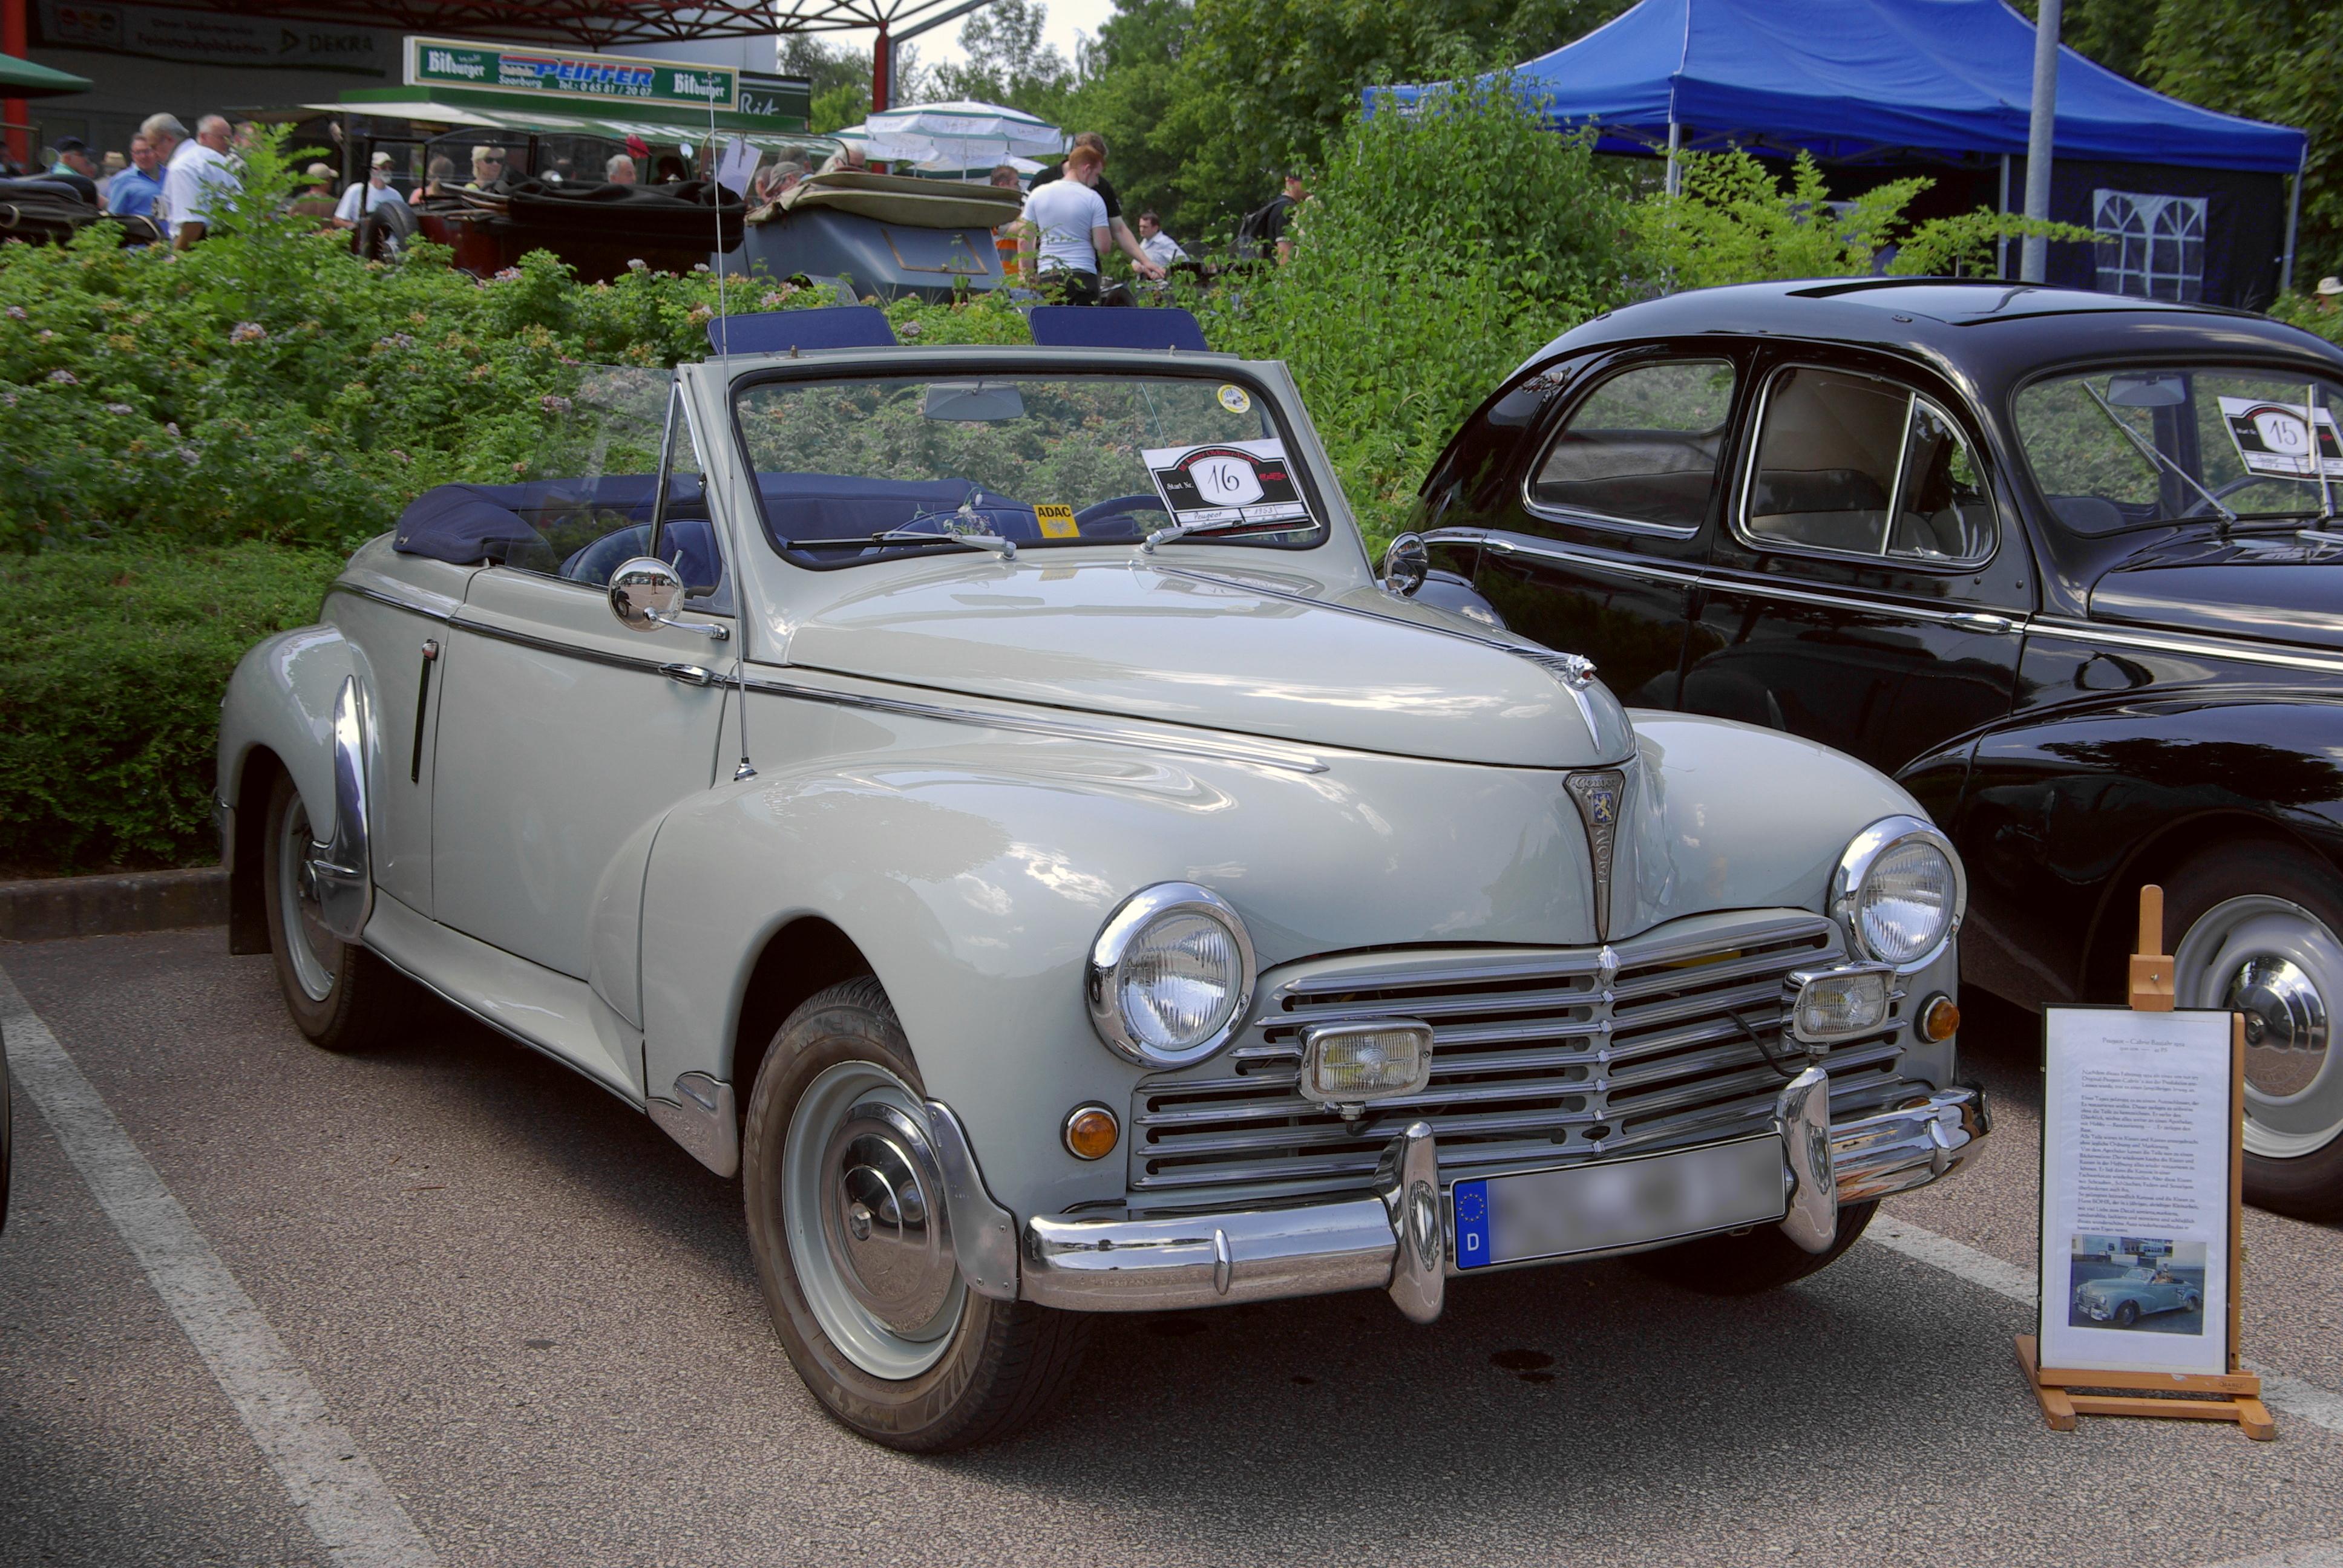 Classic Car Scrap Yard Finds Facebook